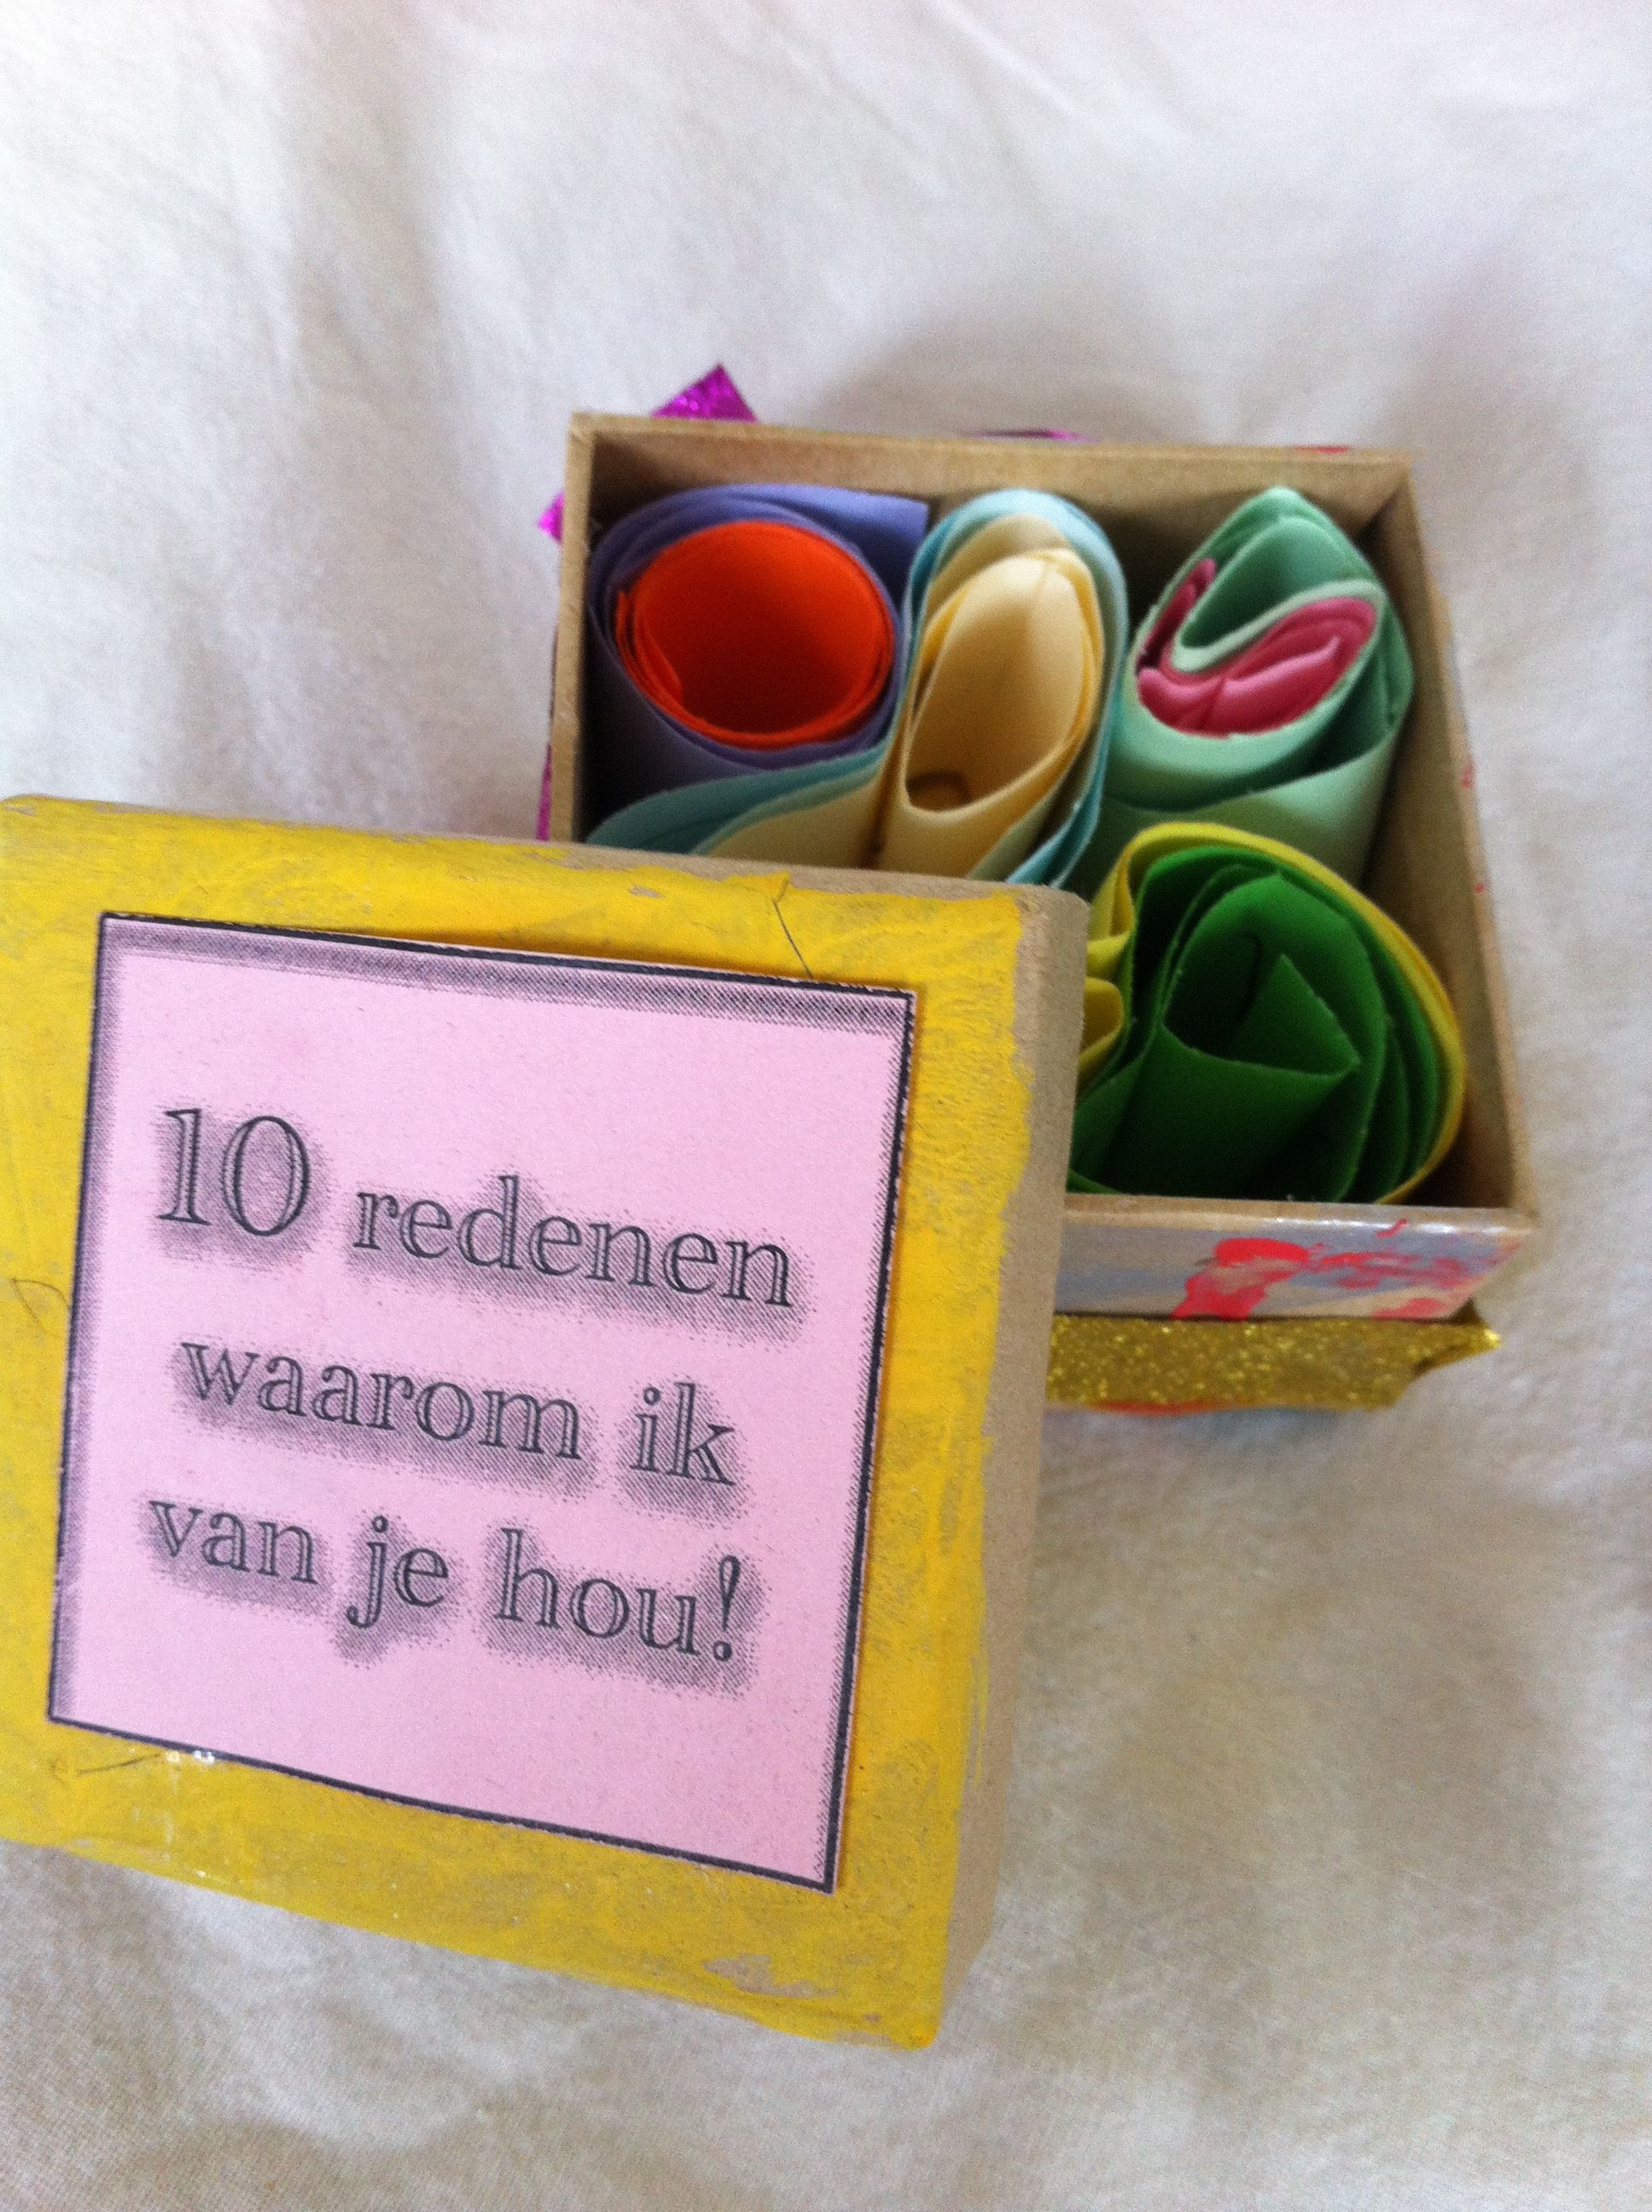 10 redenen waarom ik van je hou!